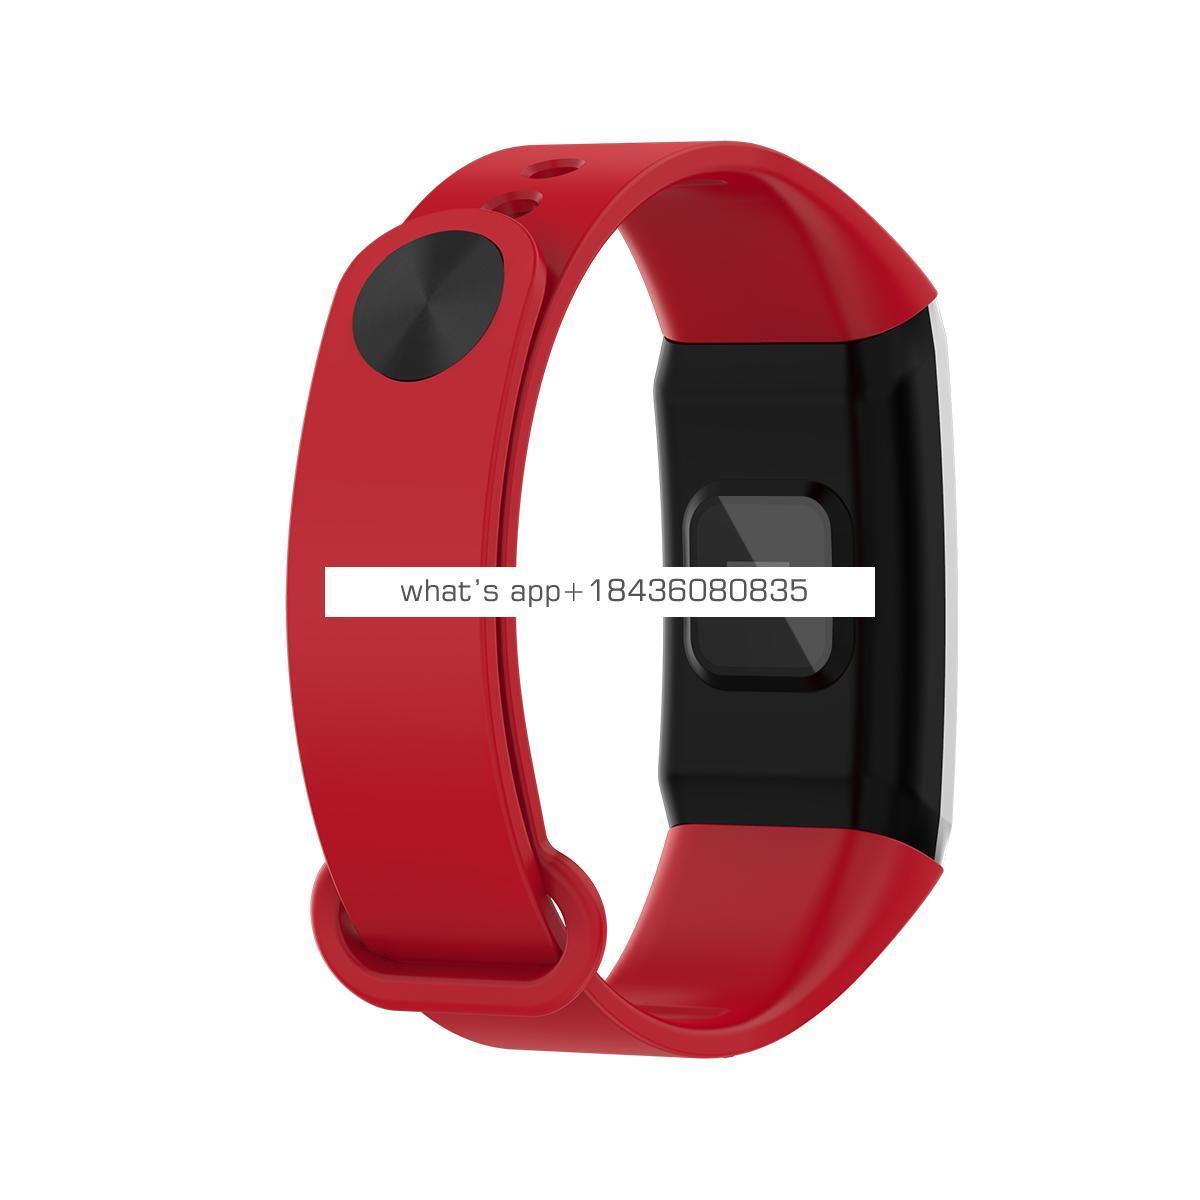 Bracelet smart watch Waterproof smart watch factory bracelet smart watch with heart rate monitor